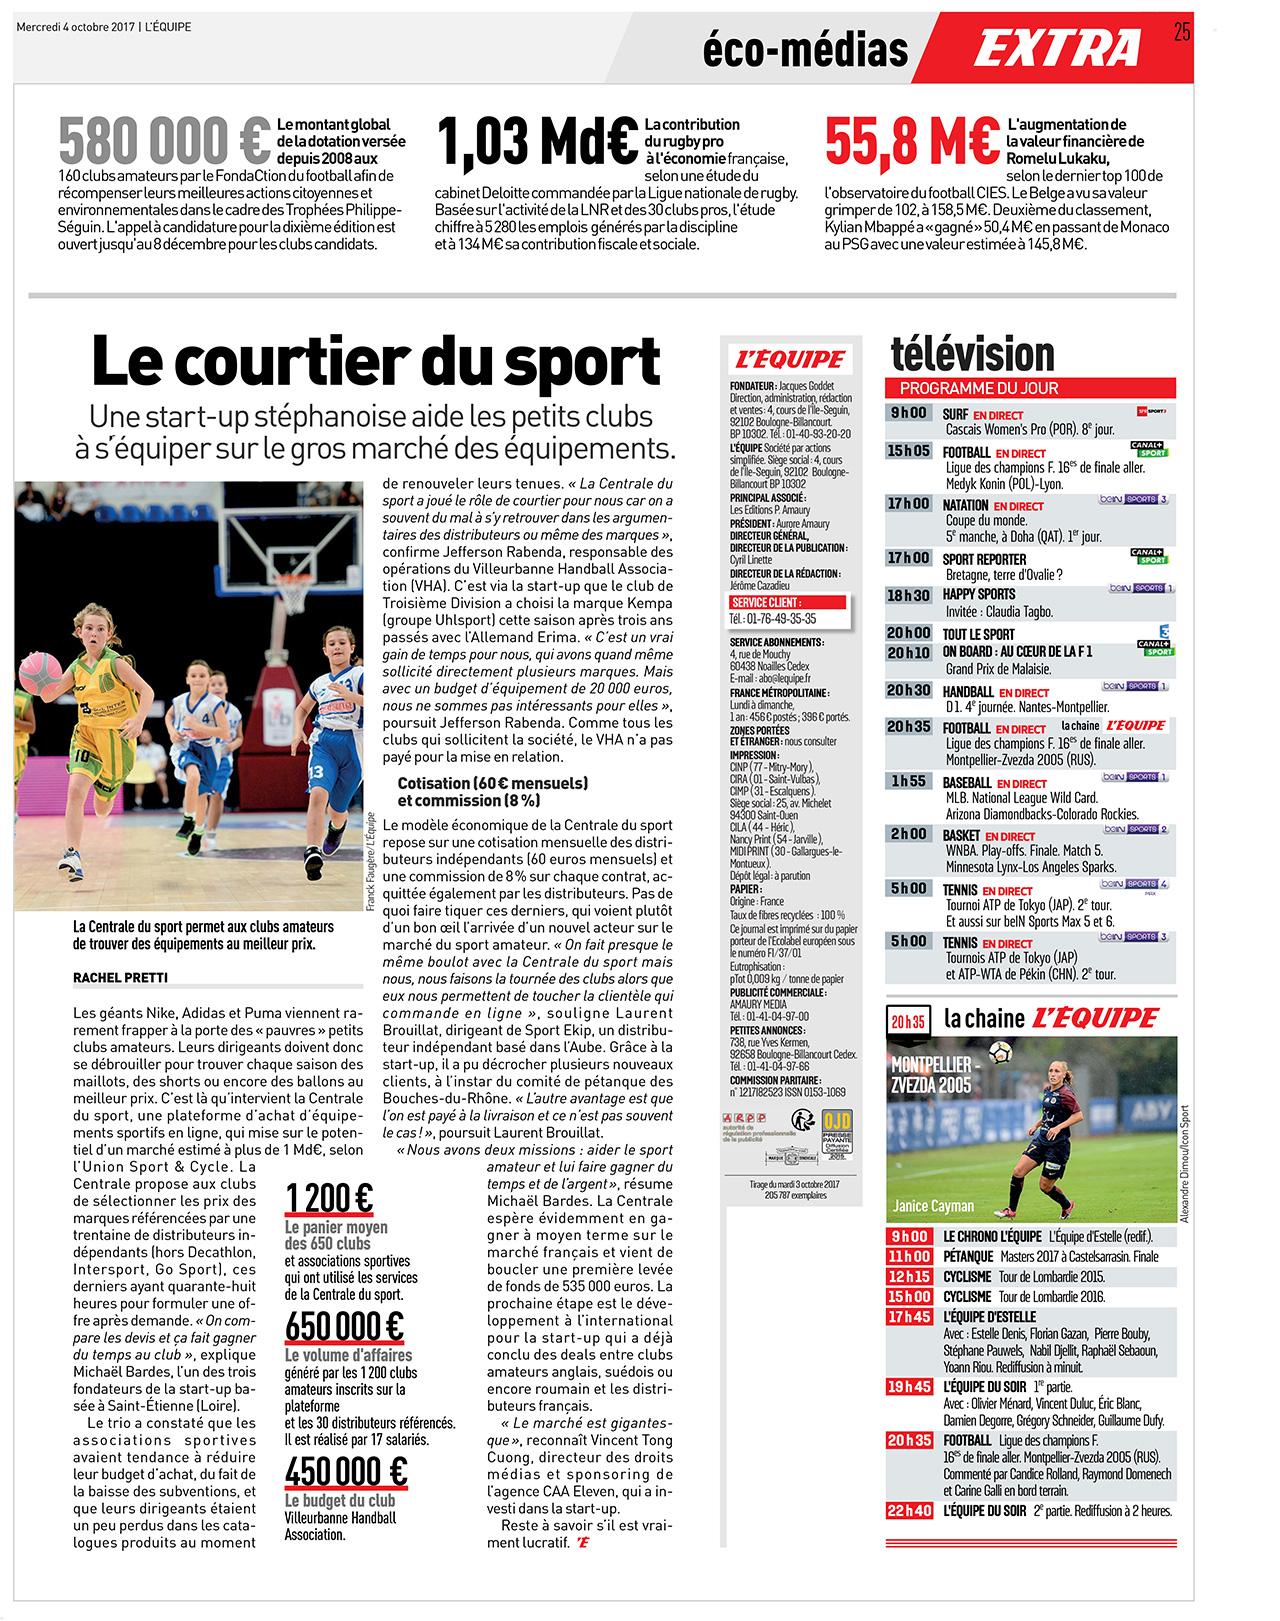 Article L'Equipe sur le premier comparateur de prix en équipements sportifs